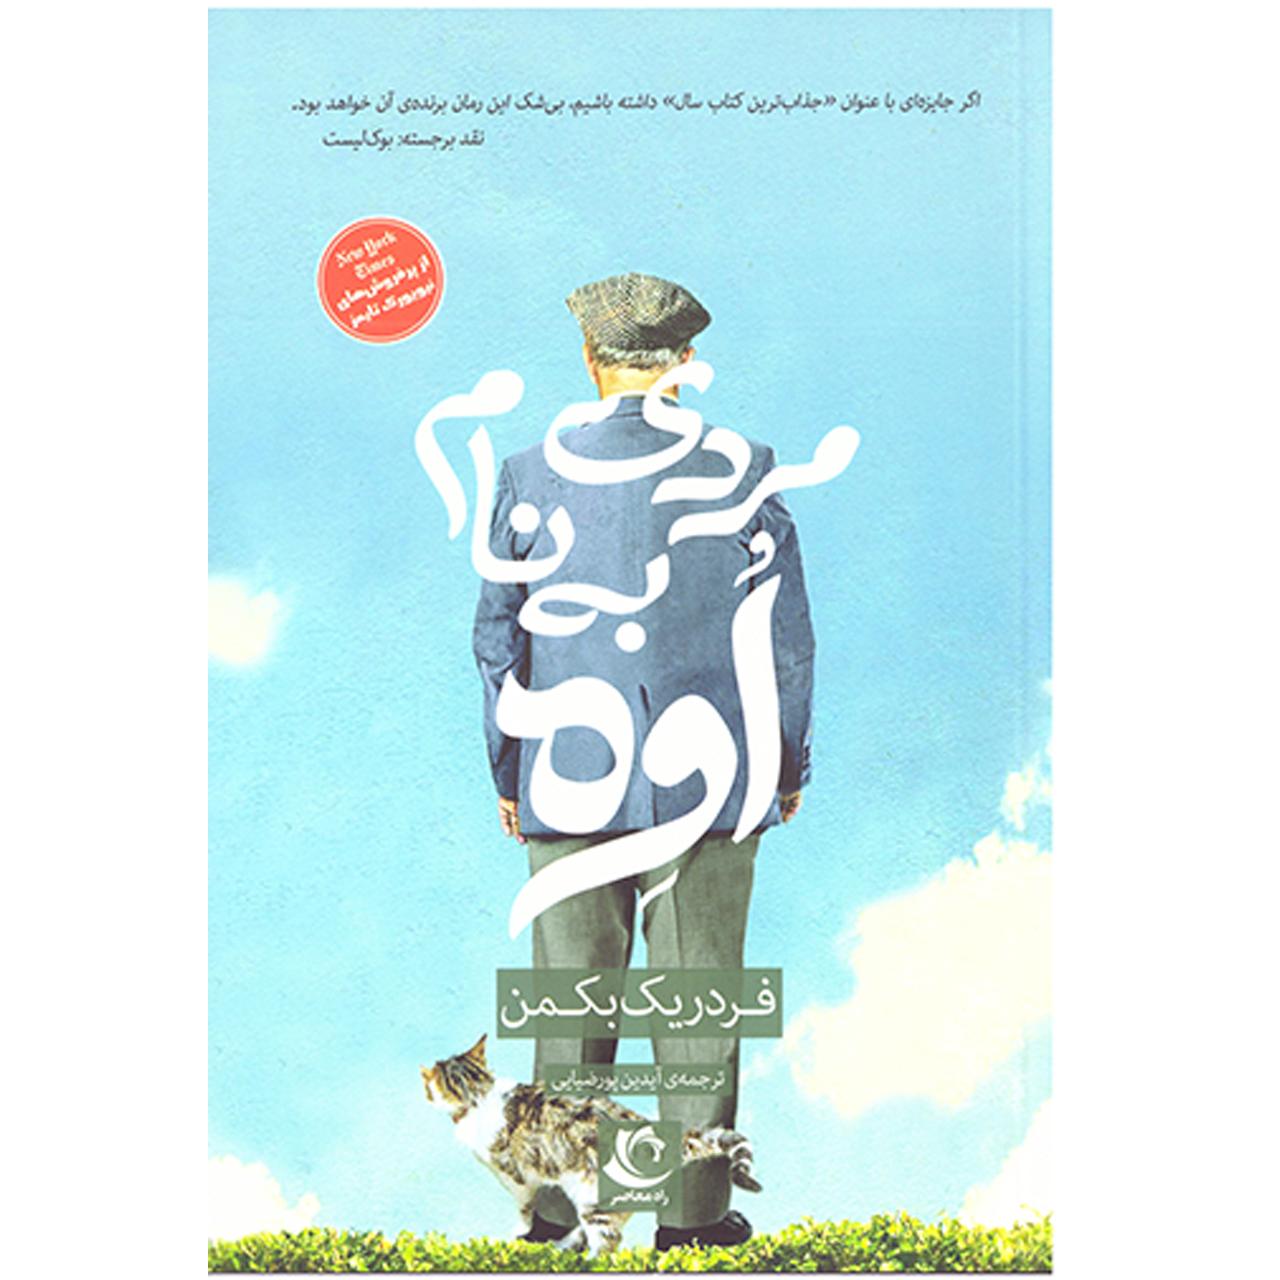 خرید                      کتاب مردی به نام اوه اثر فردریک بکمن انتشارات راه معاصر